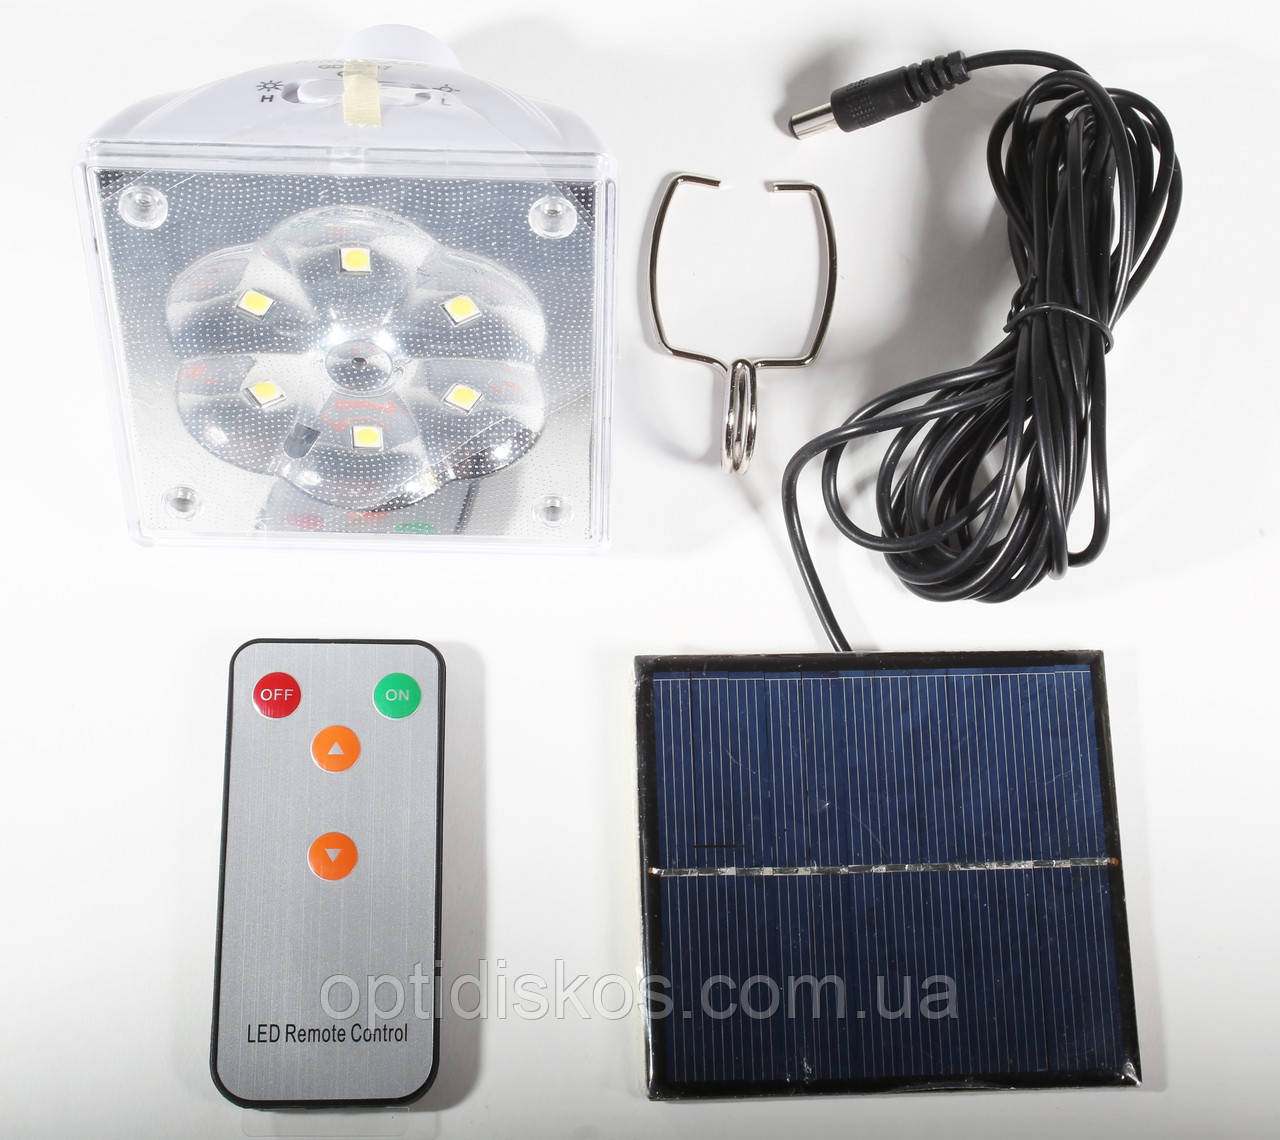 Светильник кемпинговый + зарядка от солнечной батареи + пульт, KingBlaze, GD-5017